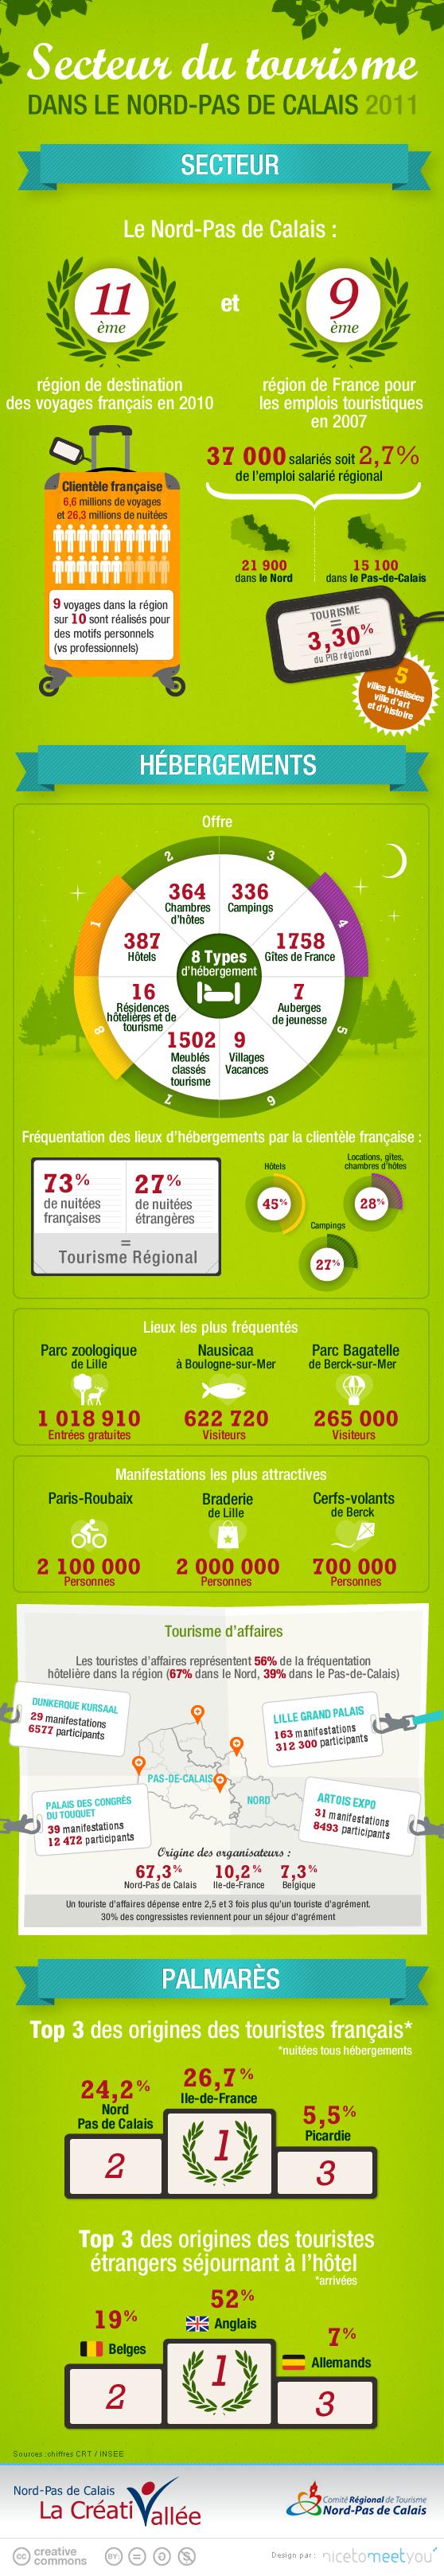 Nord-Pas de Calais (infographie) : le secteur du tourisme emploie 37 000 personnes